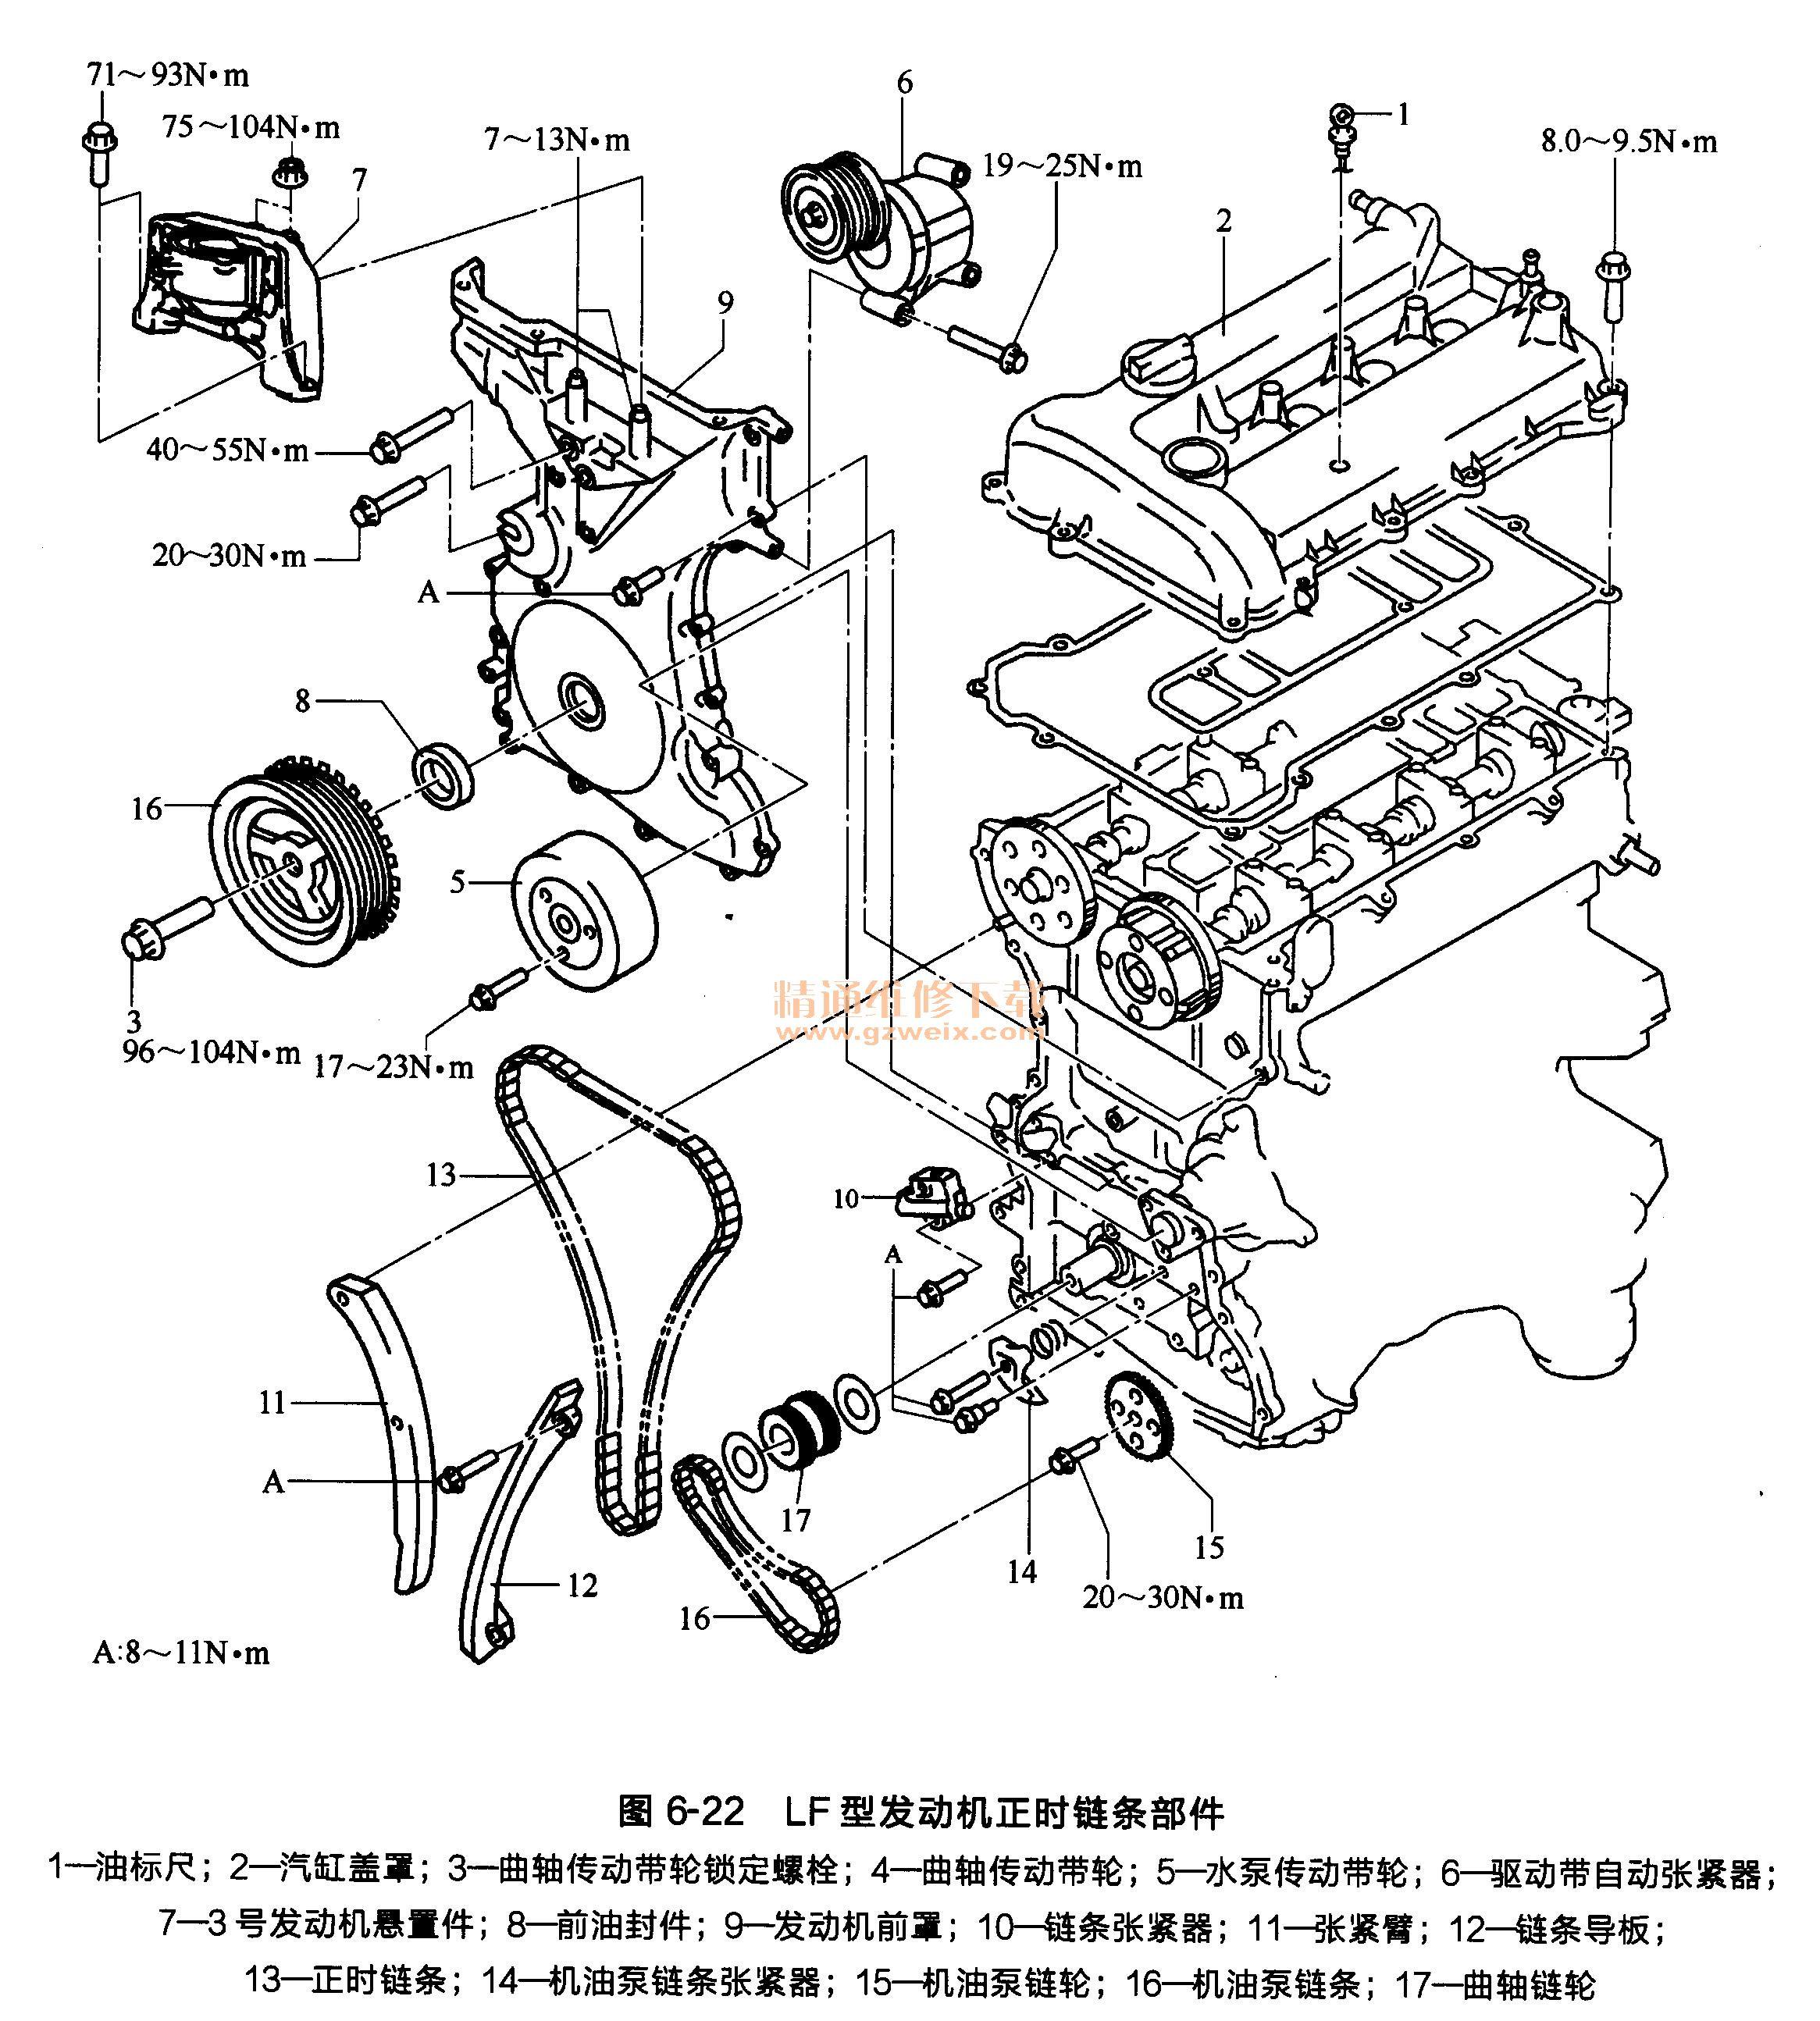 1.发动机正时链条的部件 (1) LF型发动机正时链条部件如图6-22所示。  (2) L5型发动机正时链条部件如图6-23所示。  2.发动机正时链条的拆卸方法 (1)拆下蓄电池盖。 (2)断开蓄电池负极电缆。 (3)拆下发动机罩盖。 (4)断开线束。 (5)拆下点火线圈。 (6)拆下火花塞。 (7)拆下通风管。 (8)拆下带有软管的冷却液储液罐,并将其放在不会妨碍操作的位置。 (9)拆下前轮和轮胎。 (10)将2号发动机下护板与挡泥板作为一个单独的装置拆下。 (11)拆下如图6-24和图6-25所示的